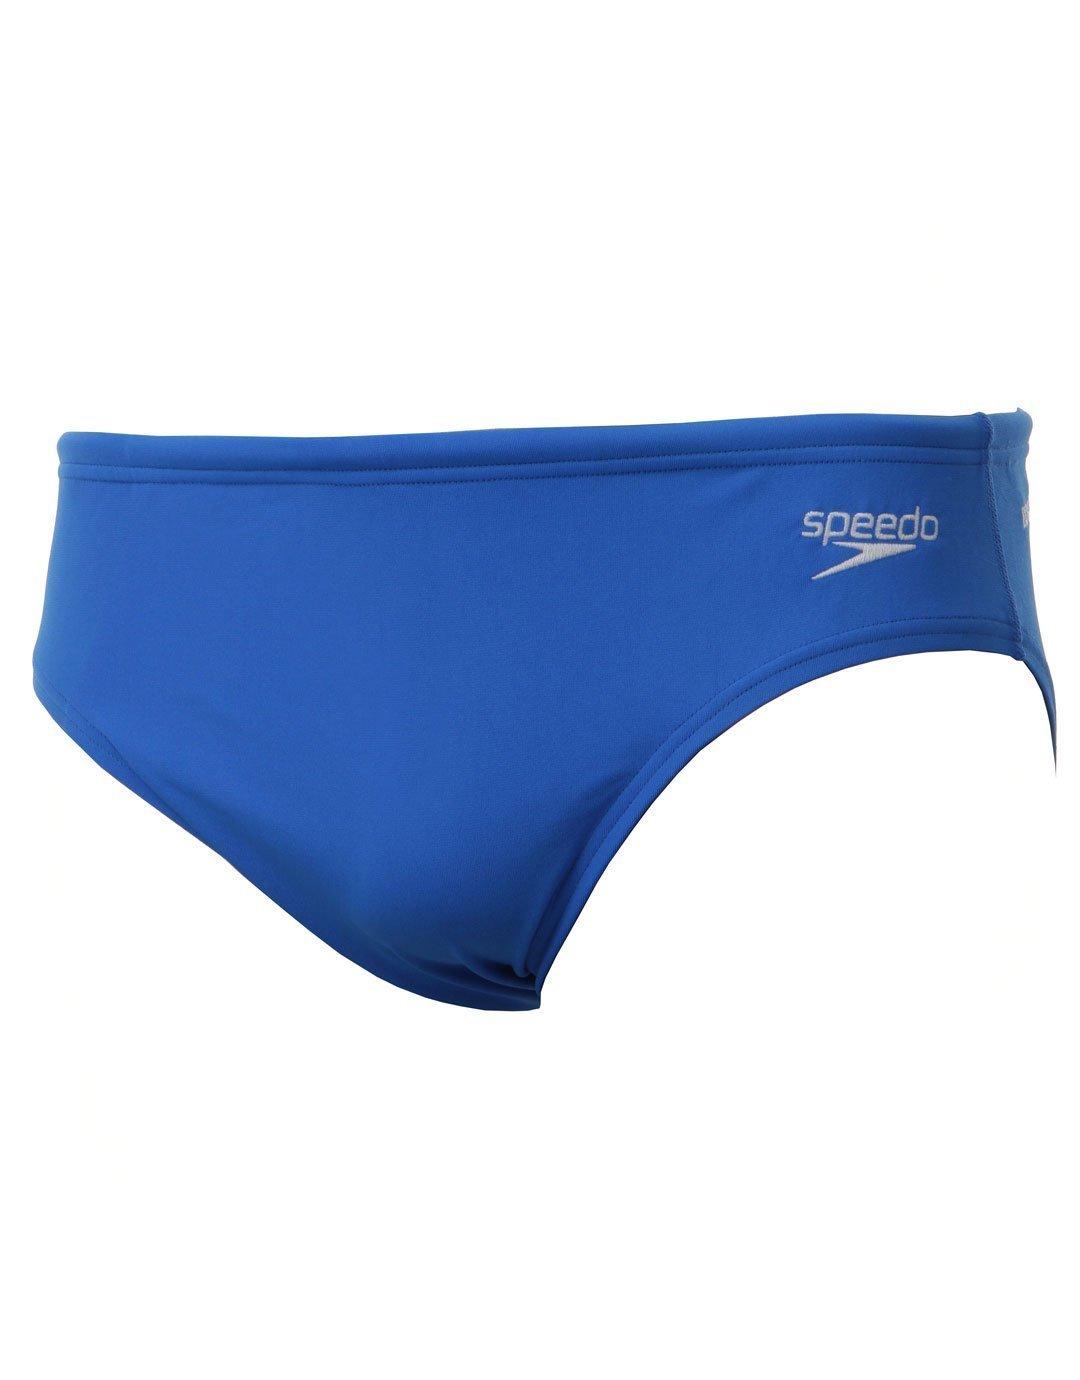 Speedo Essential Endurance+ 7cm - Bañadores, Hombre, Azul Neón, 34